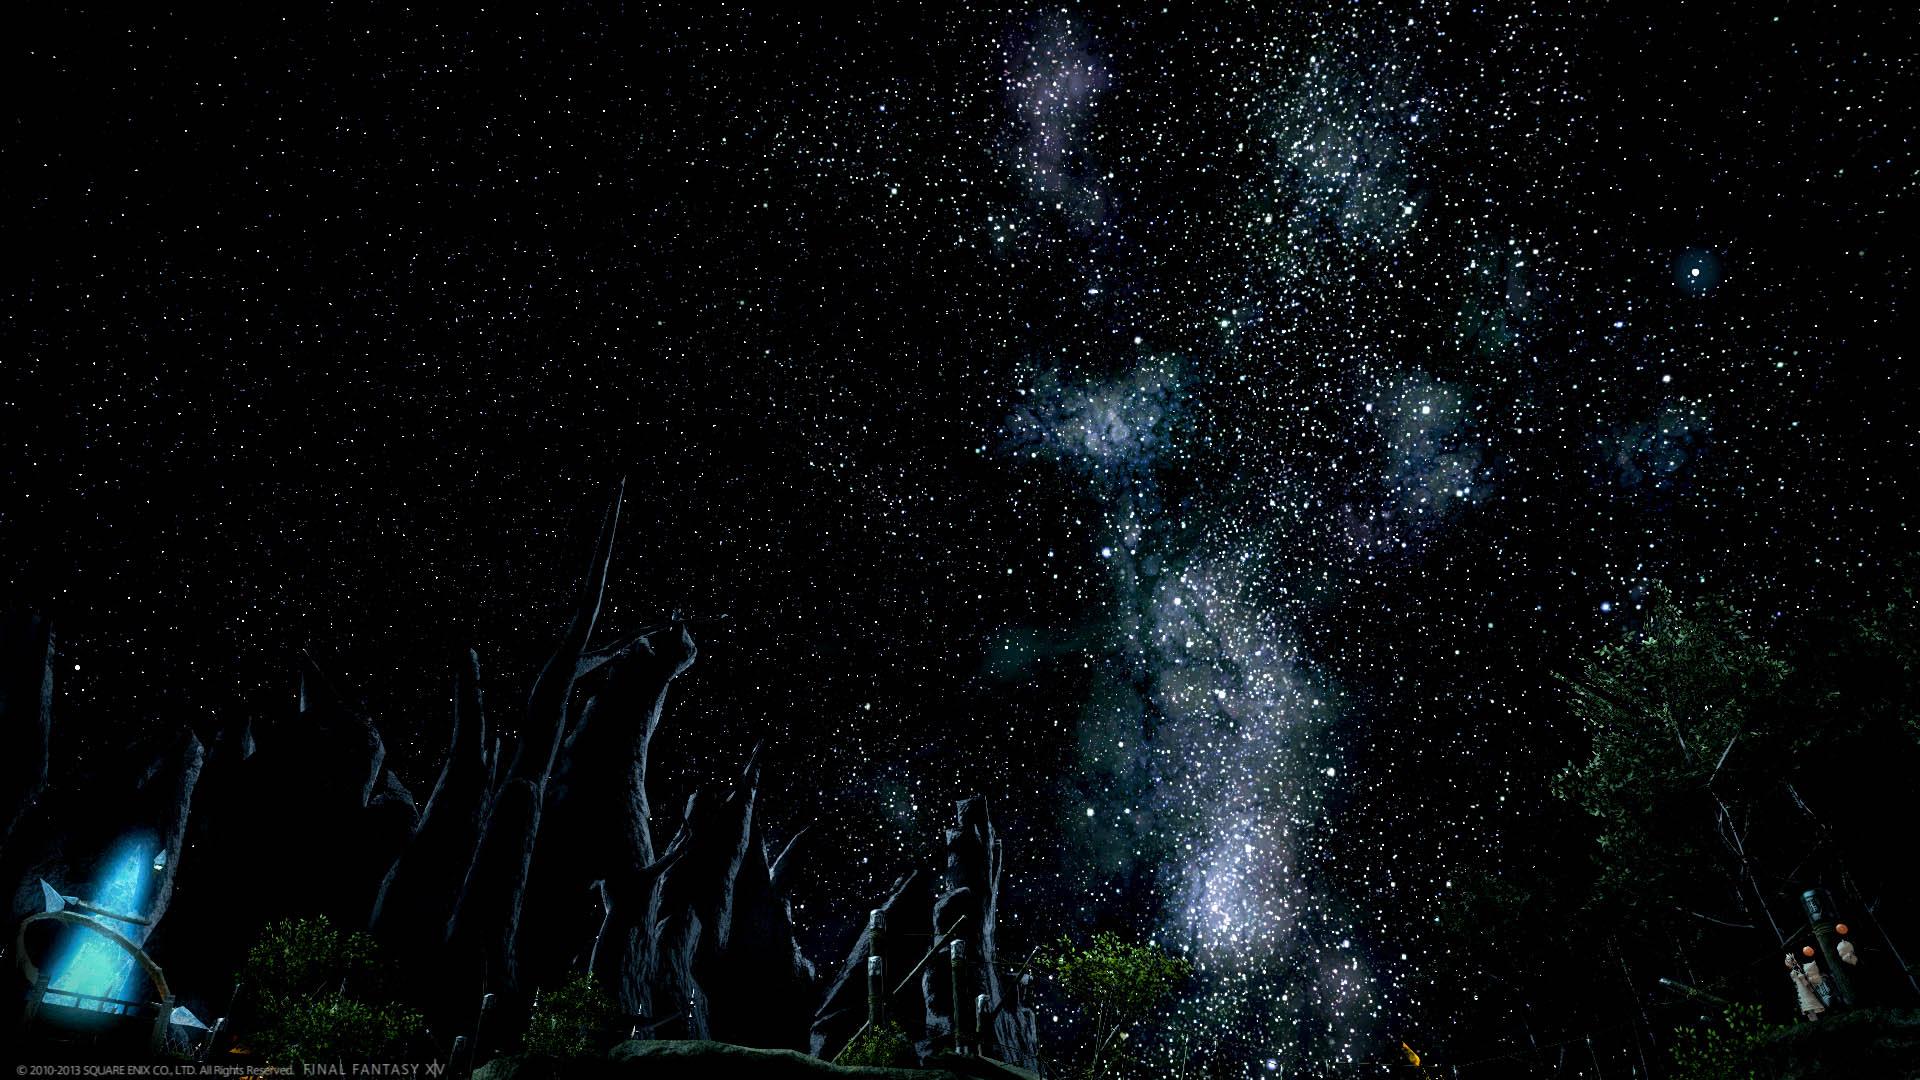 《最终幻想14》高清壁纸系列【浪漫星空】图片